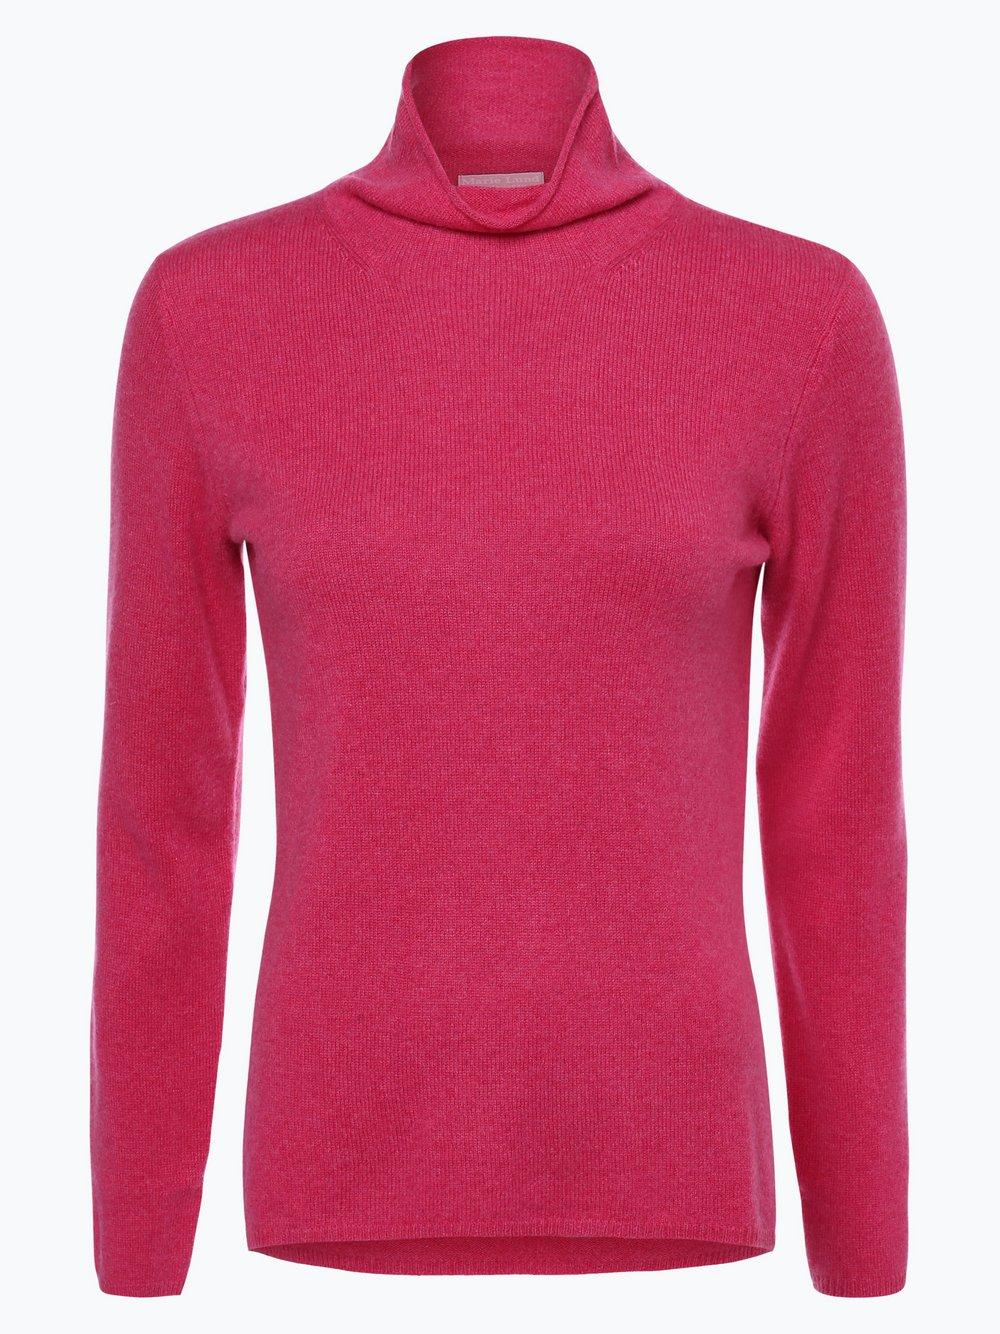 ea8b5a57723751 Marie Lund Damen Pure Cashmere Pullover pink uni online kaufen ...